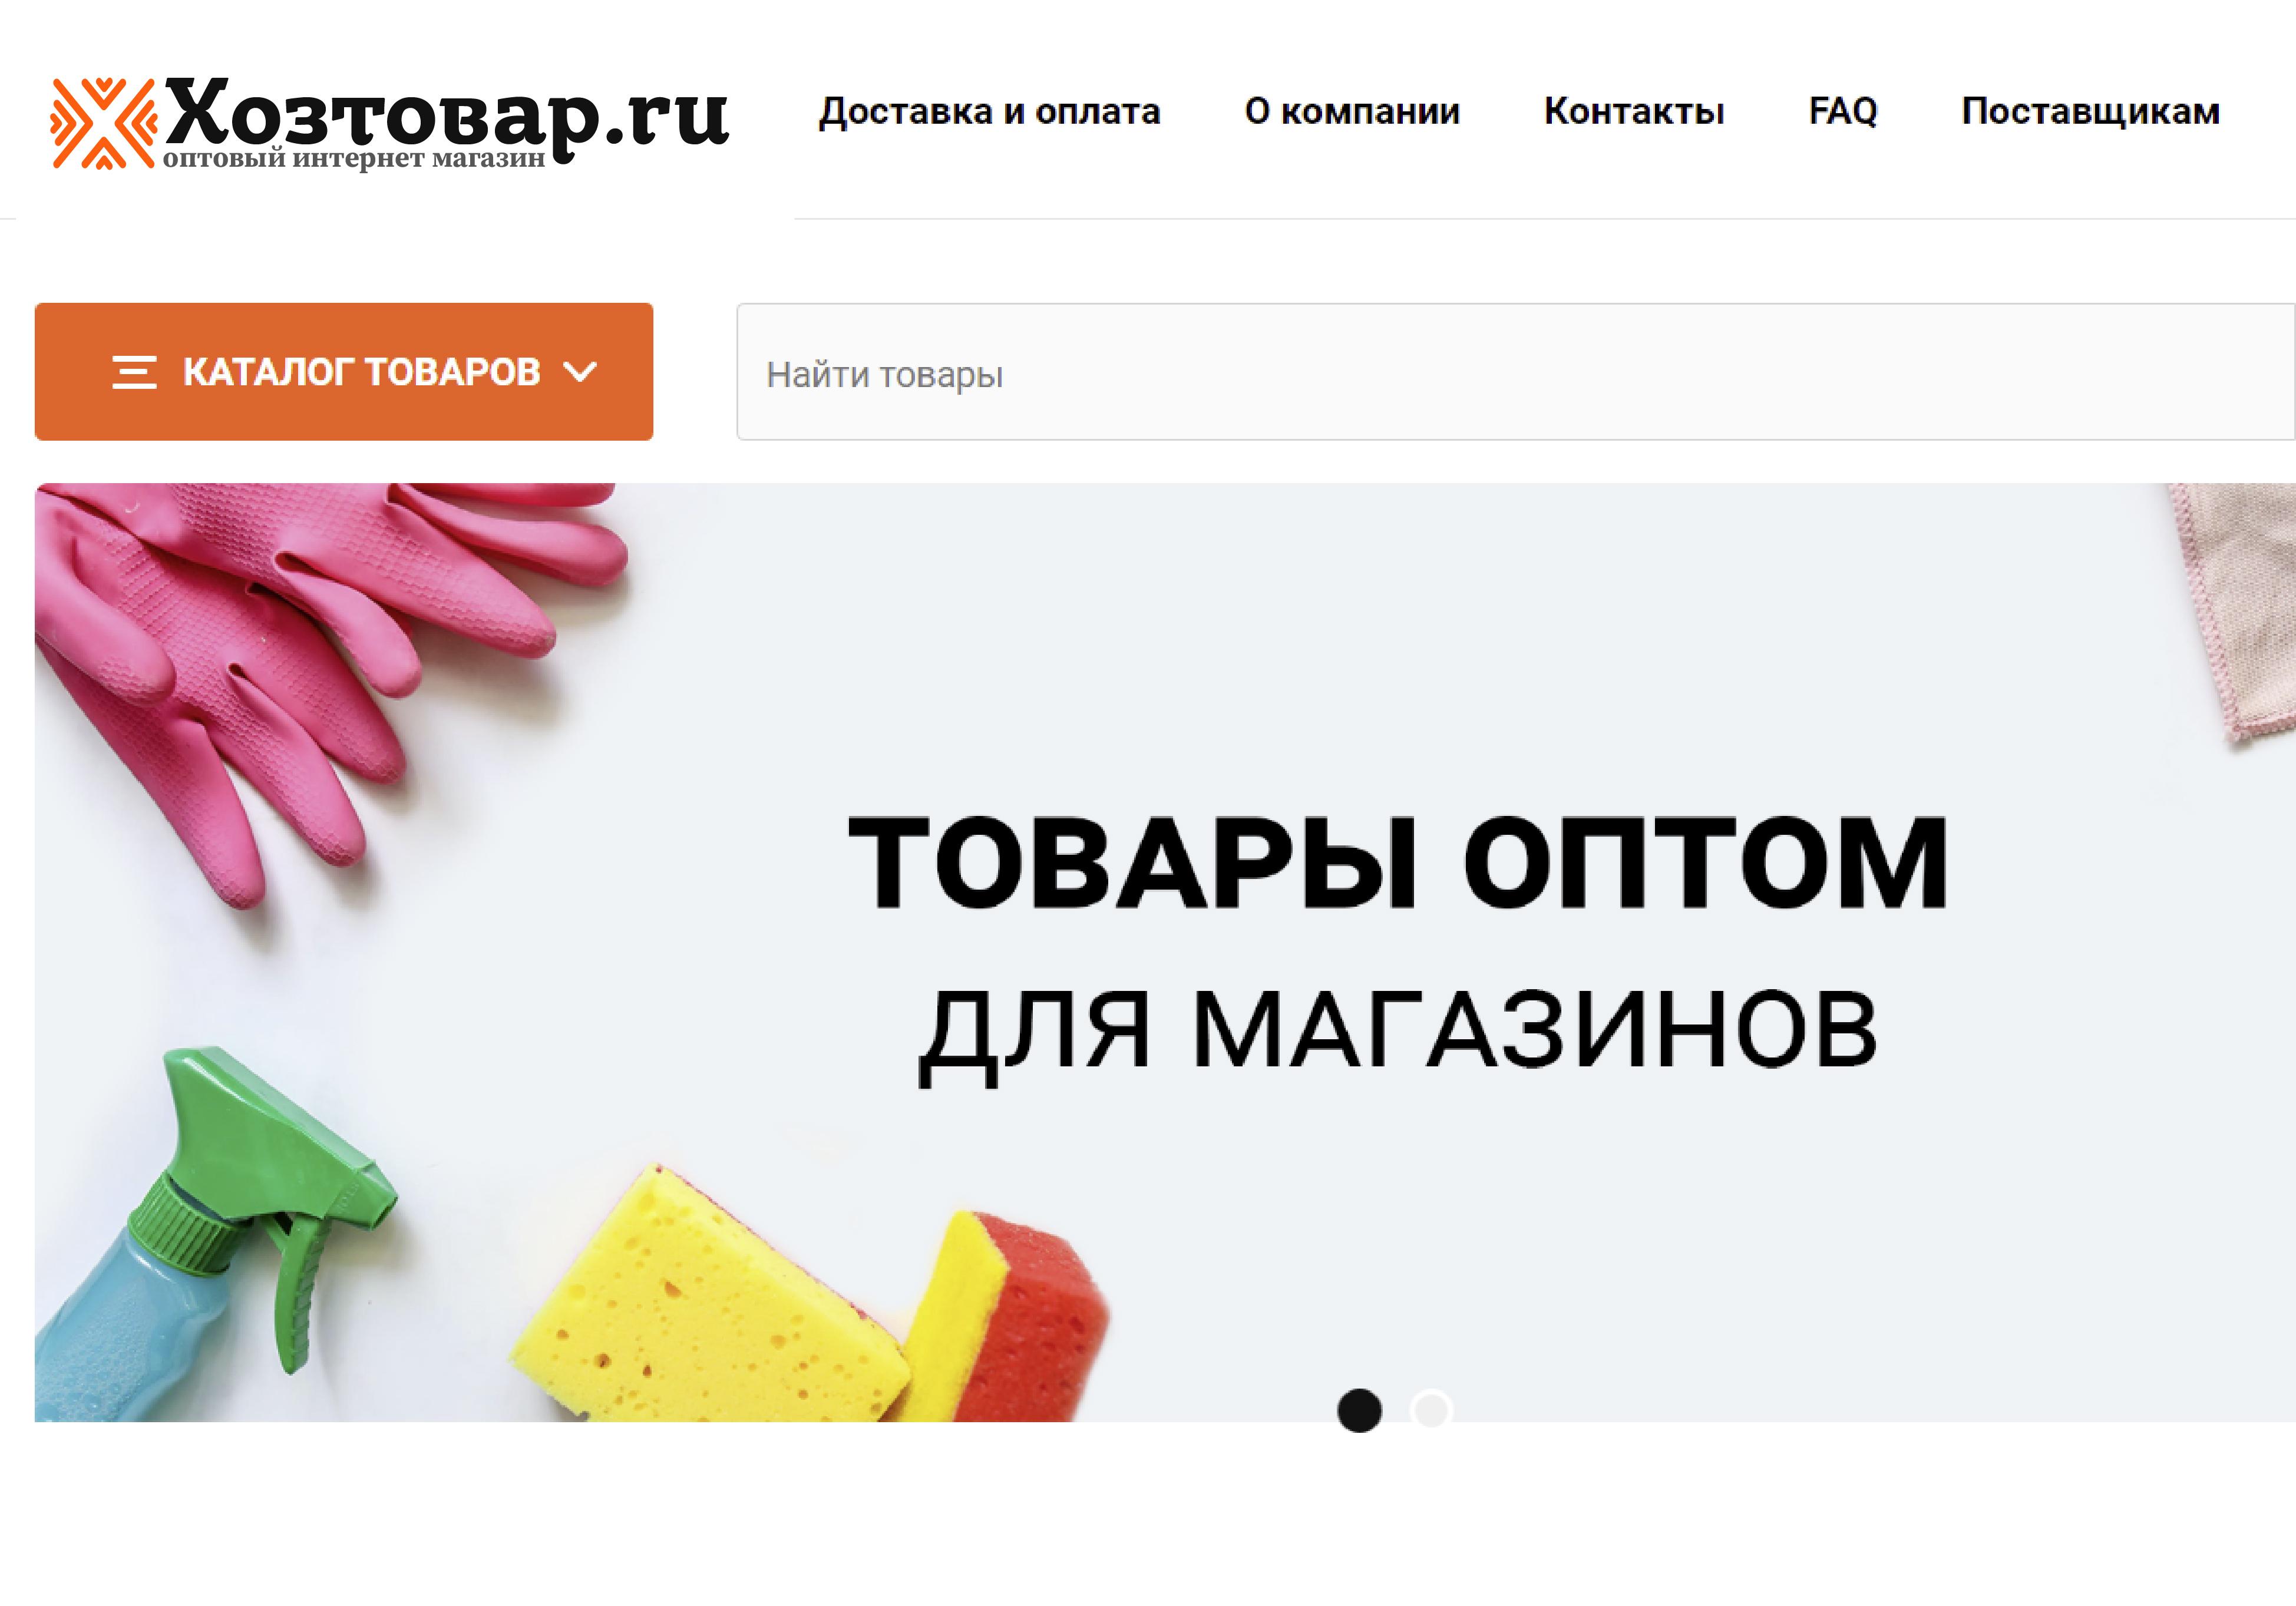 Разработка логотипа для оптового интернет-магазина «Хозтовары.ру» фото f_028606cbfe4cacdd.jpg